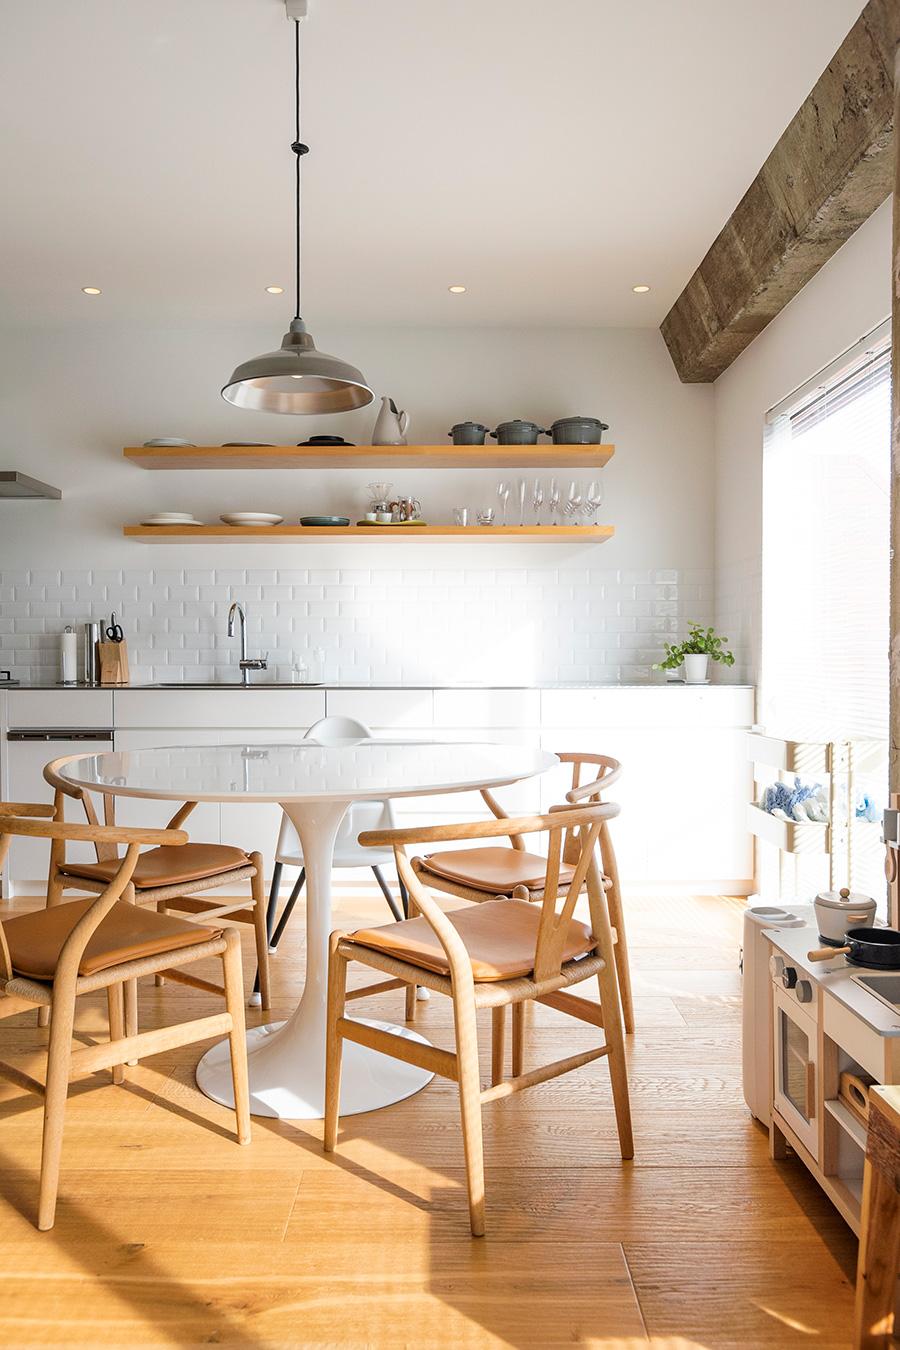 吊り戸棚は設けず、棚板を渡して食器や調理器具をディスプレイ。インテリアはYチェアなど北欧ものを多く揃える。